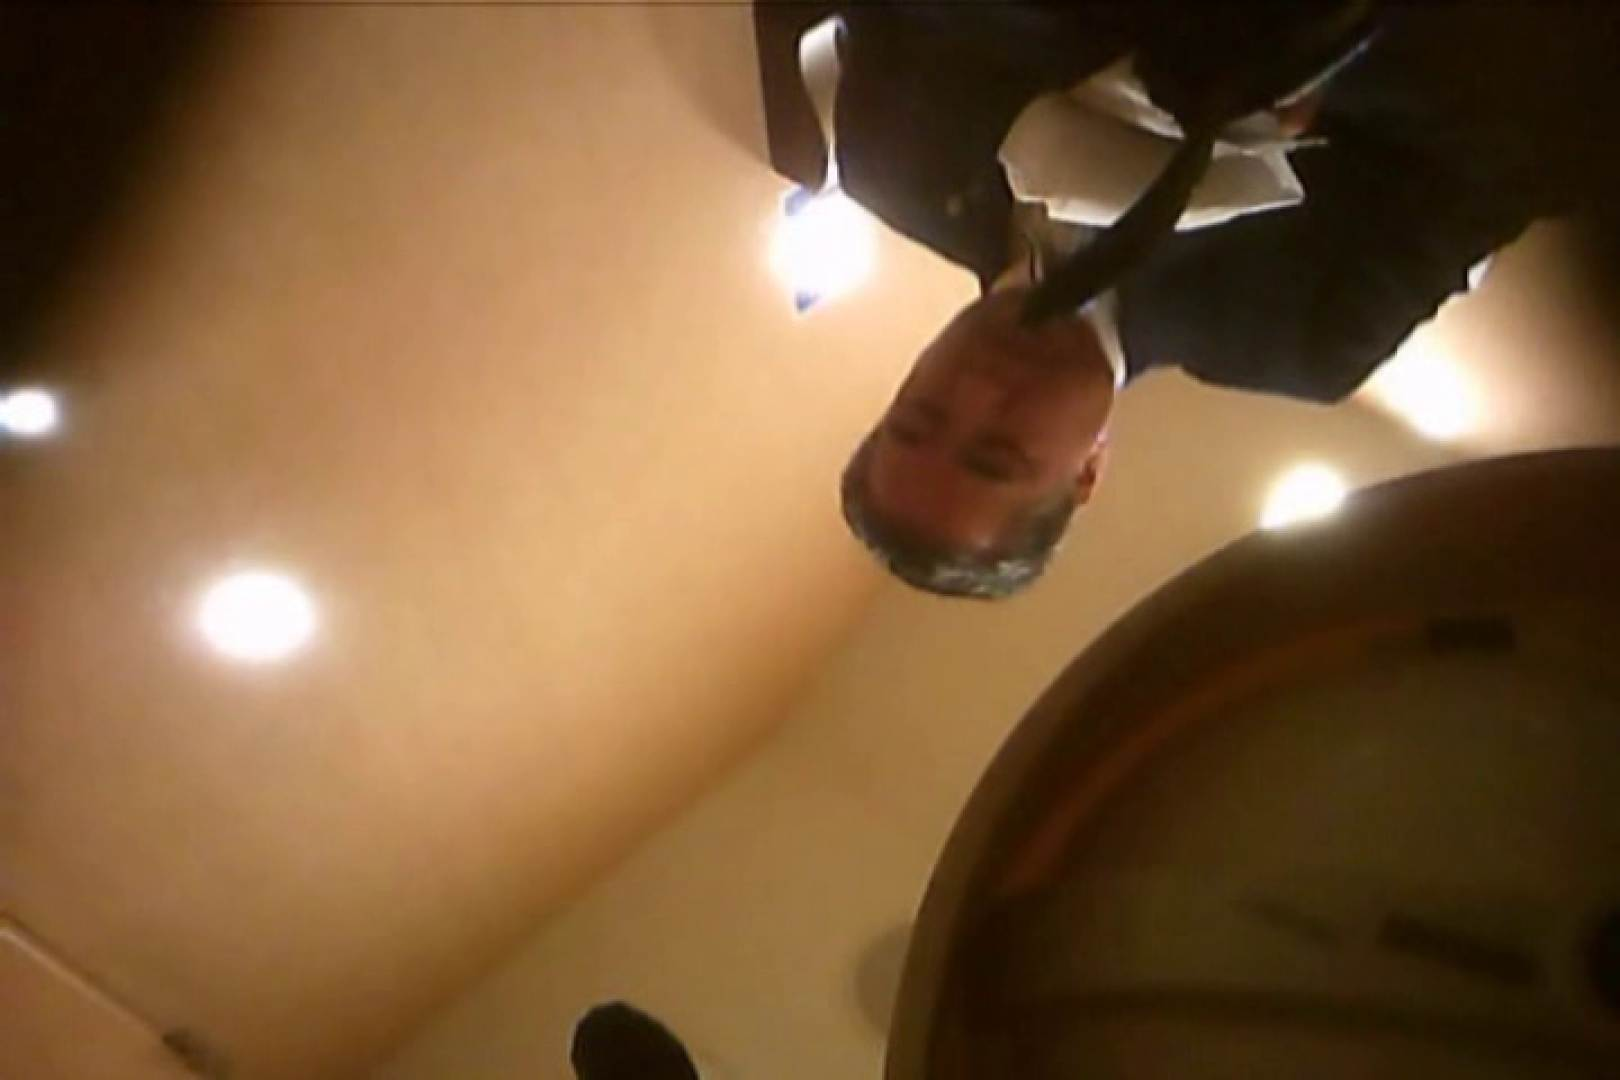 SEASON 2ND!掴み取りさんの洗面所覗き!in新幹線!VOL.16 スジ筋系男子 ゲイ無修正ビデオ画像 102枚 47